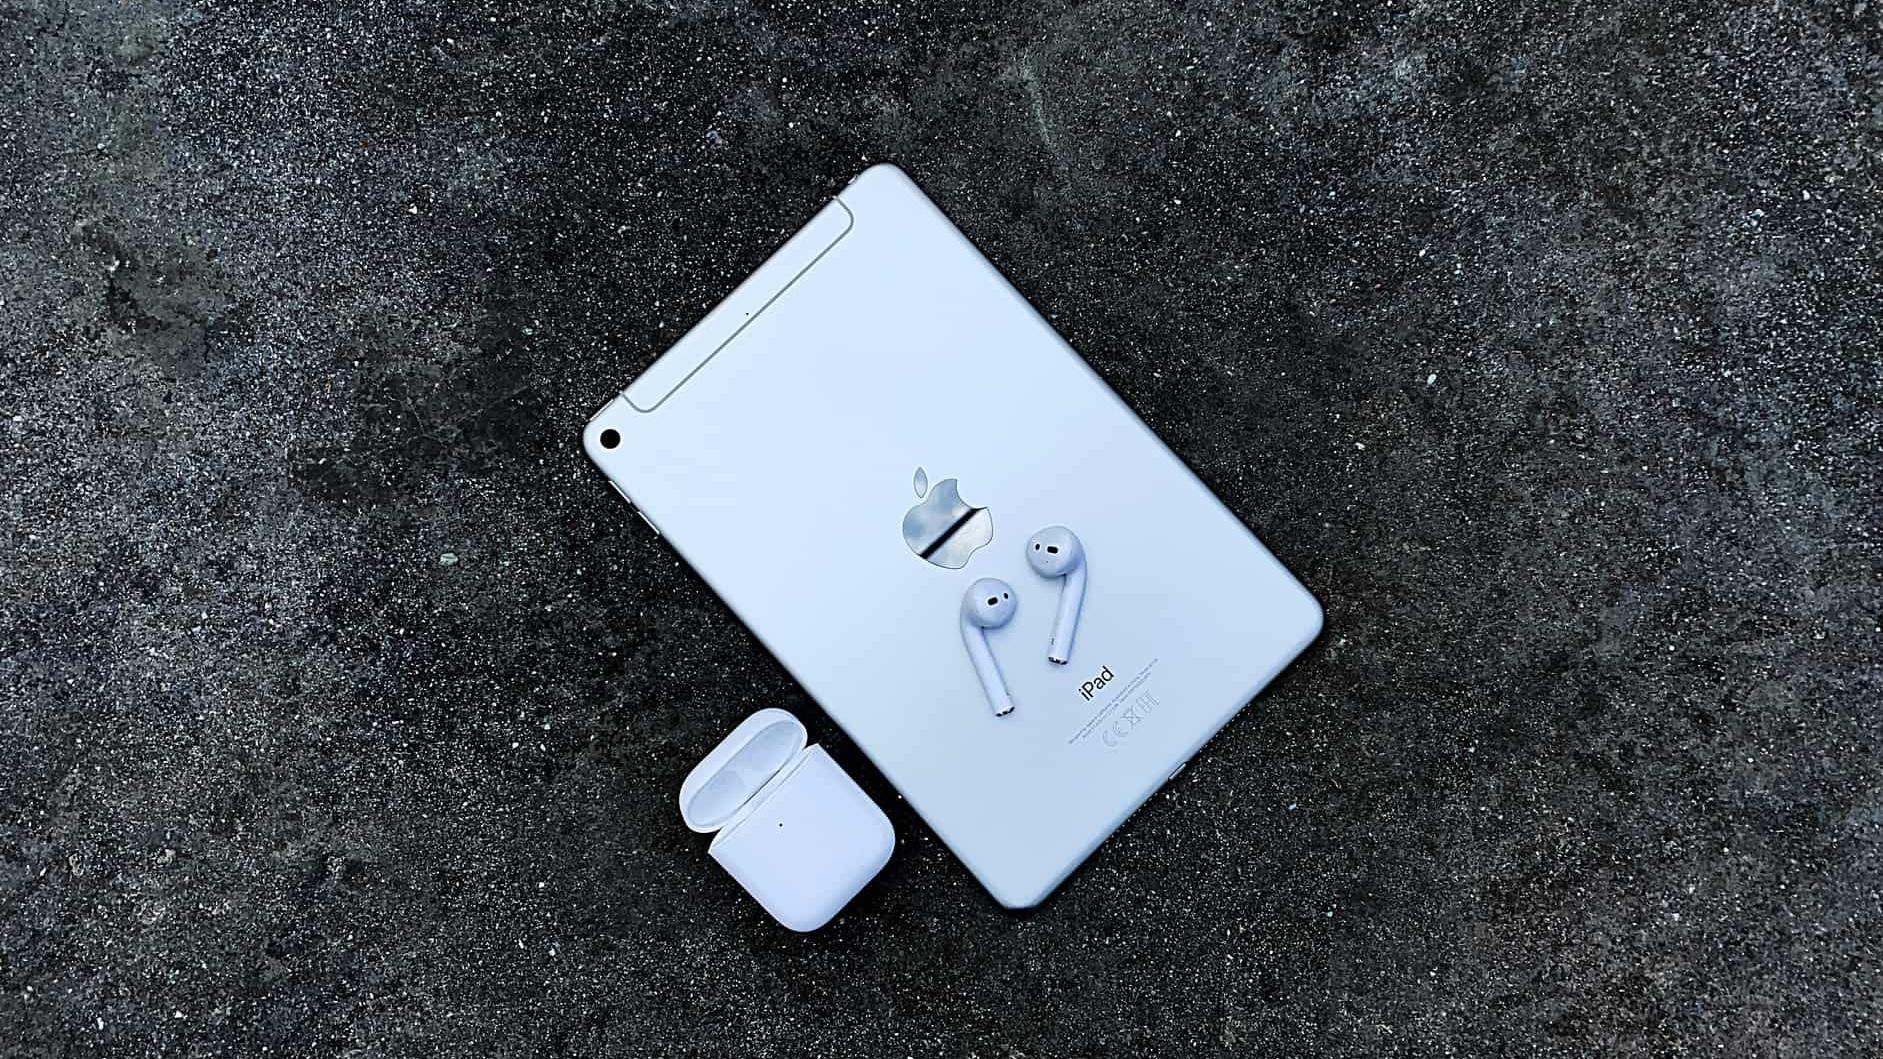 Ulwazi lokuba iPad Mini entsha iya kufumana i-USB Type C